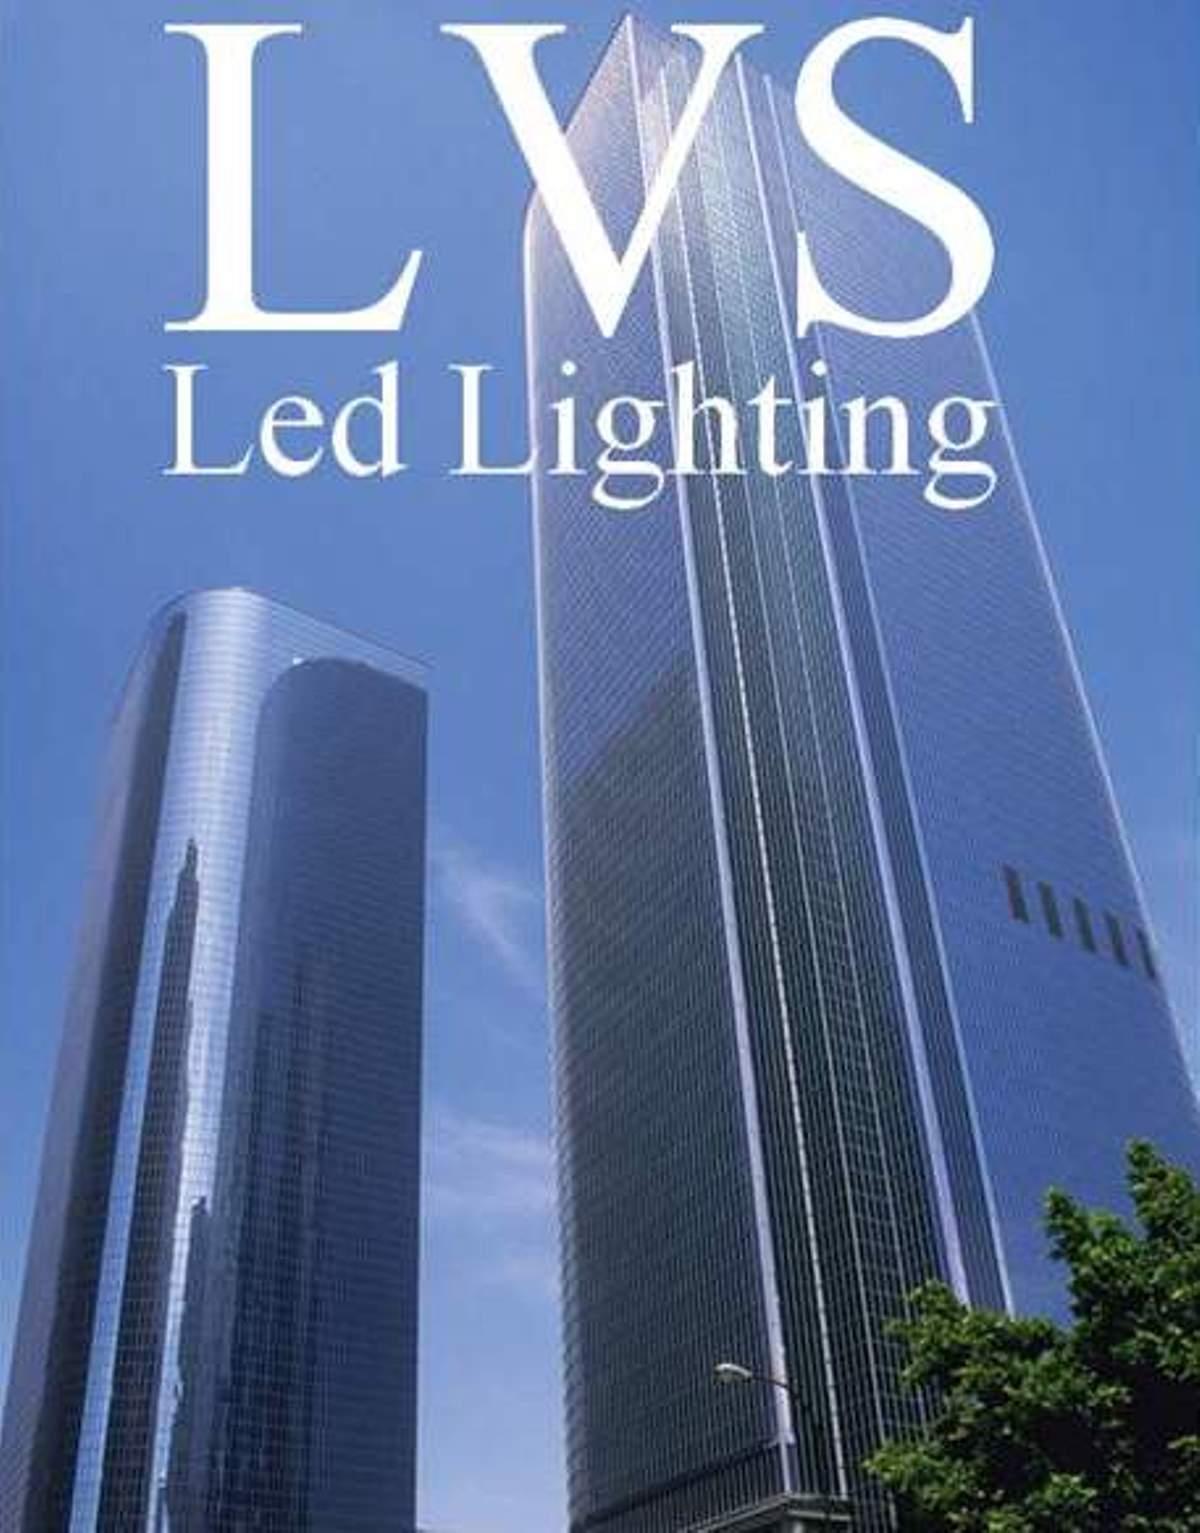 LVS eigen merk - Led verlichting shop, noodverlichting